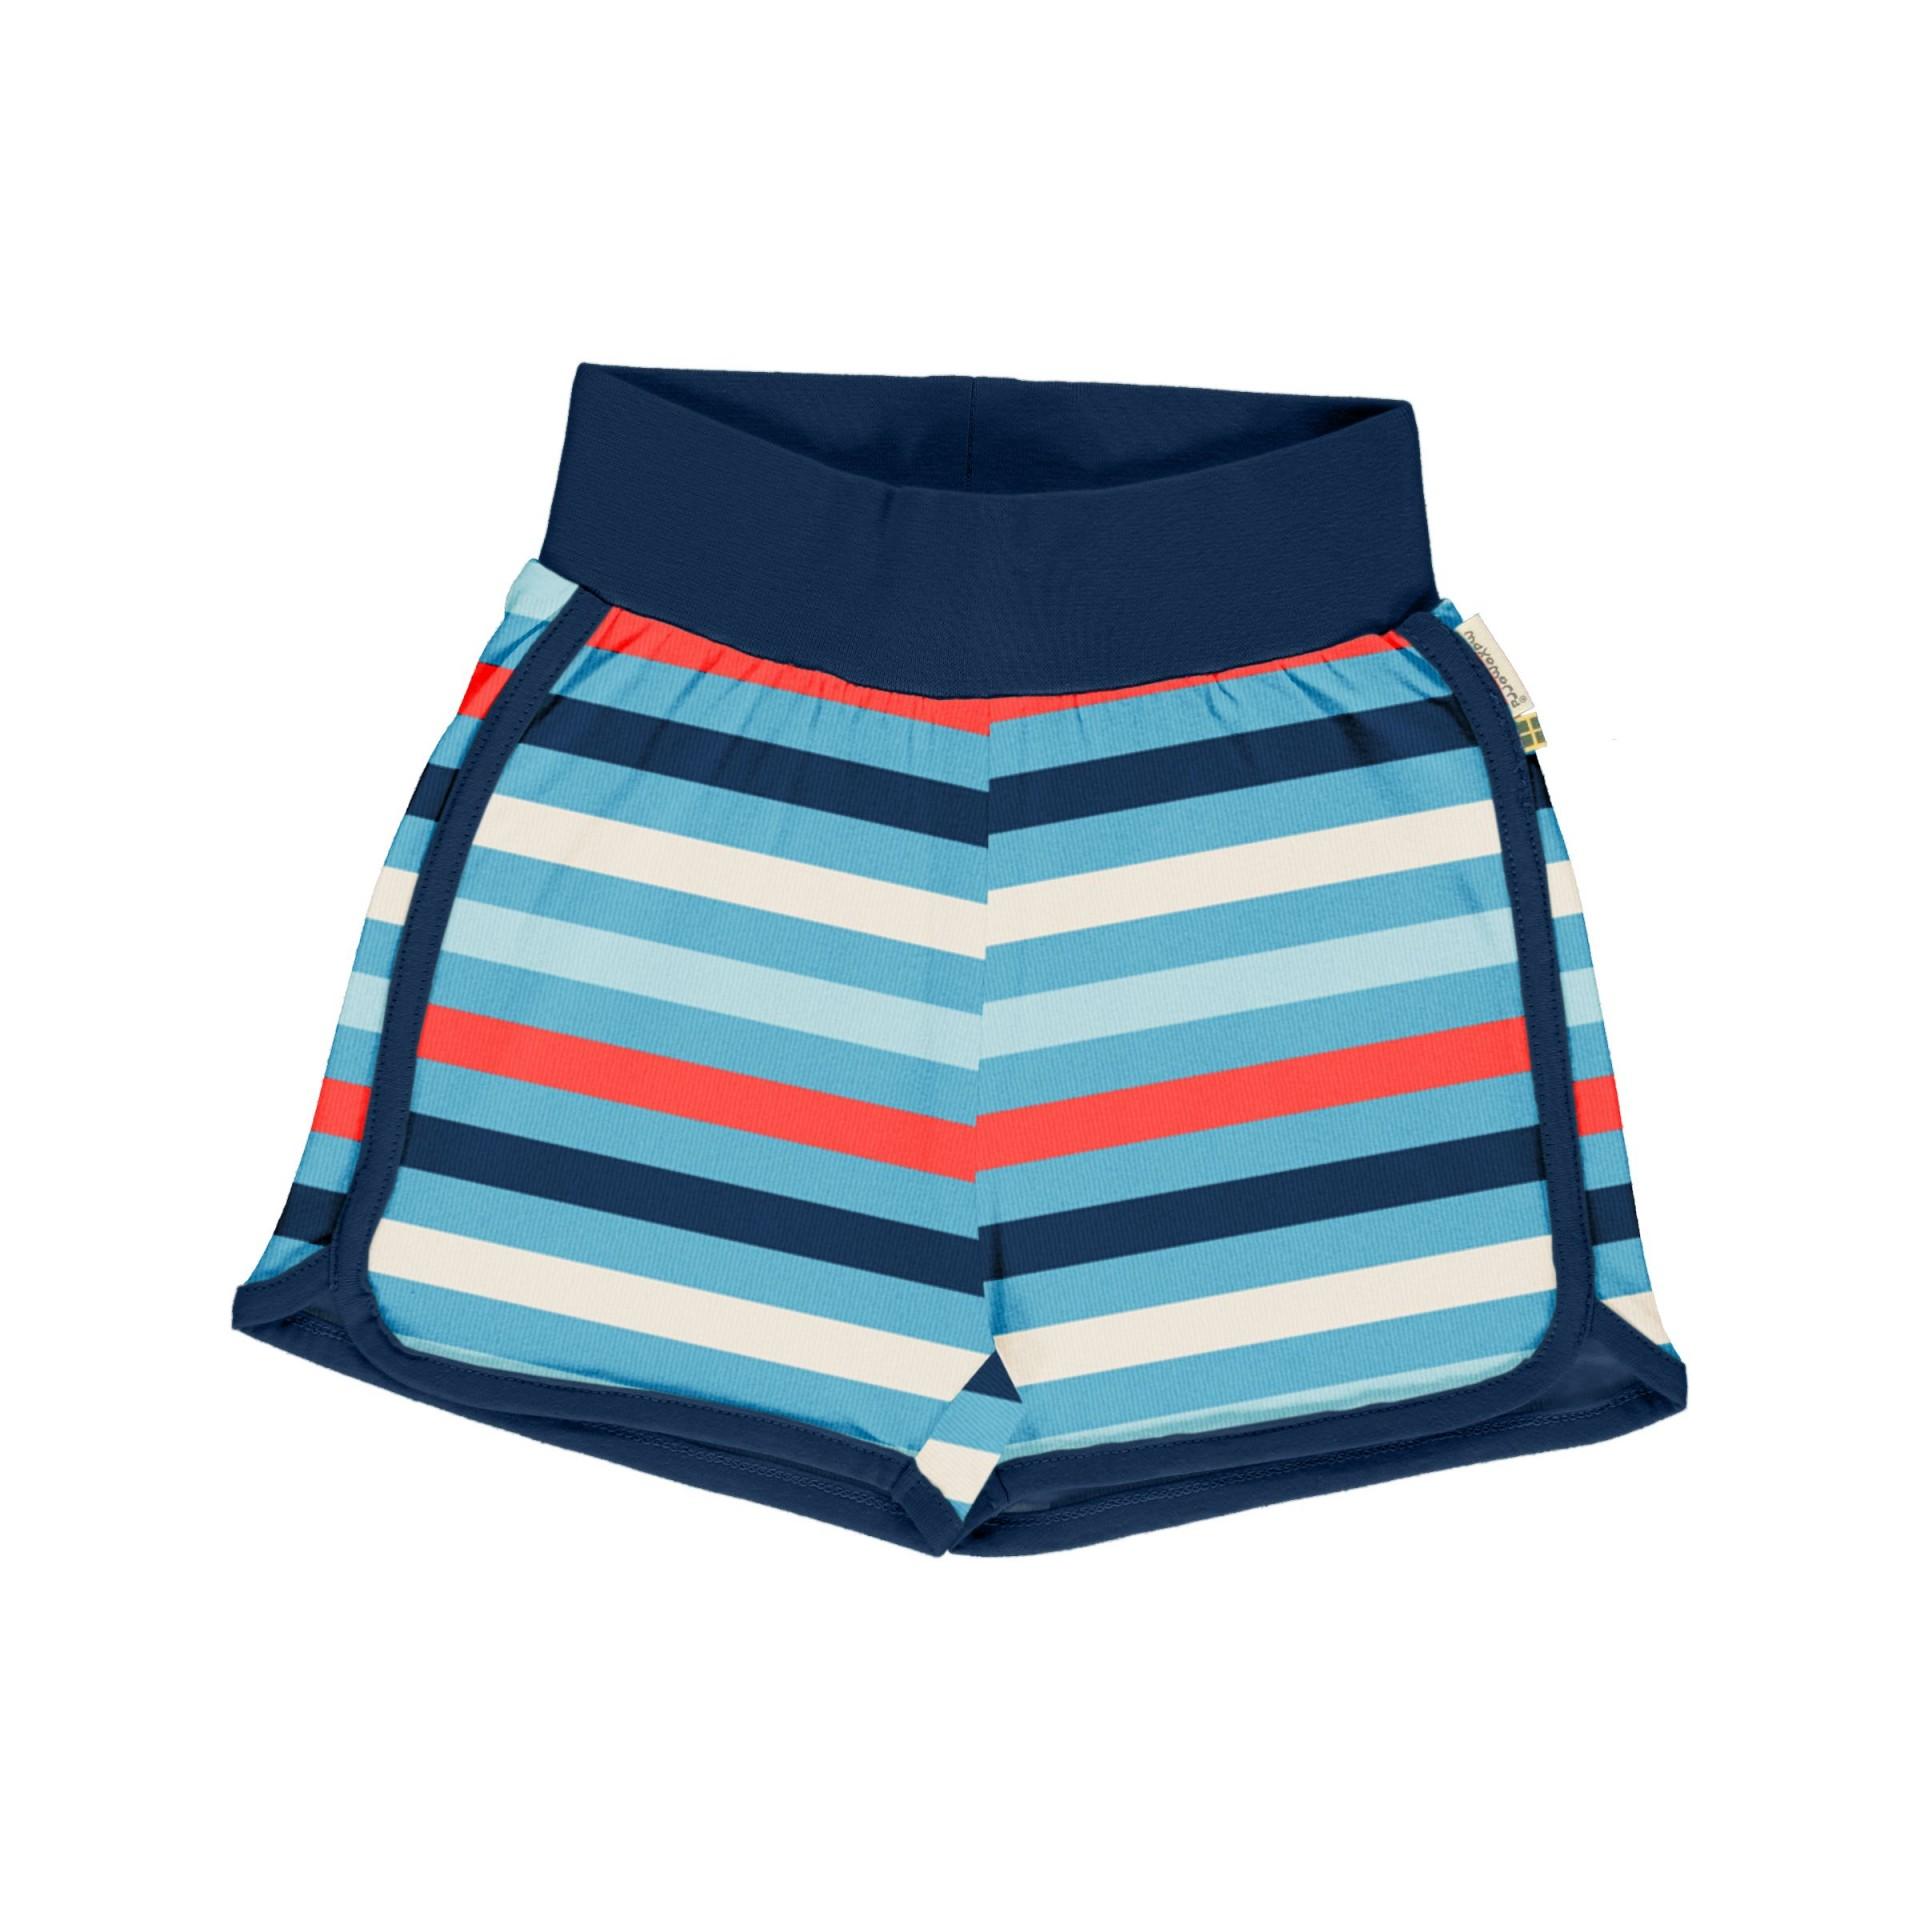 Calções Stripe Sky Maxomorra (Tamanhos disponíveis 3-6, 9-12m, 18-24m)